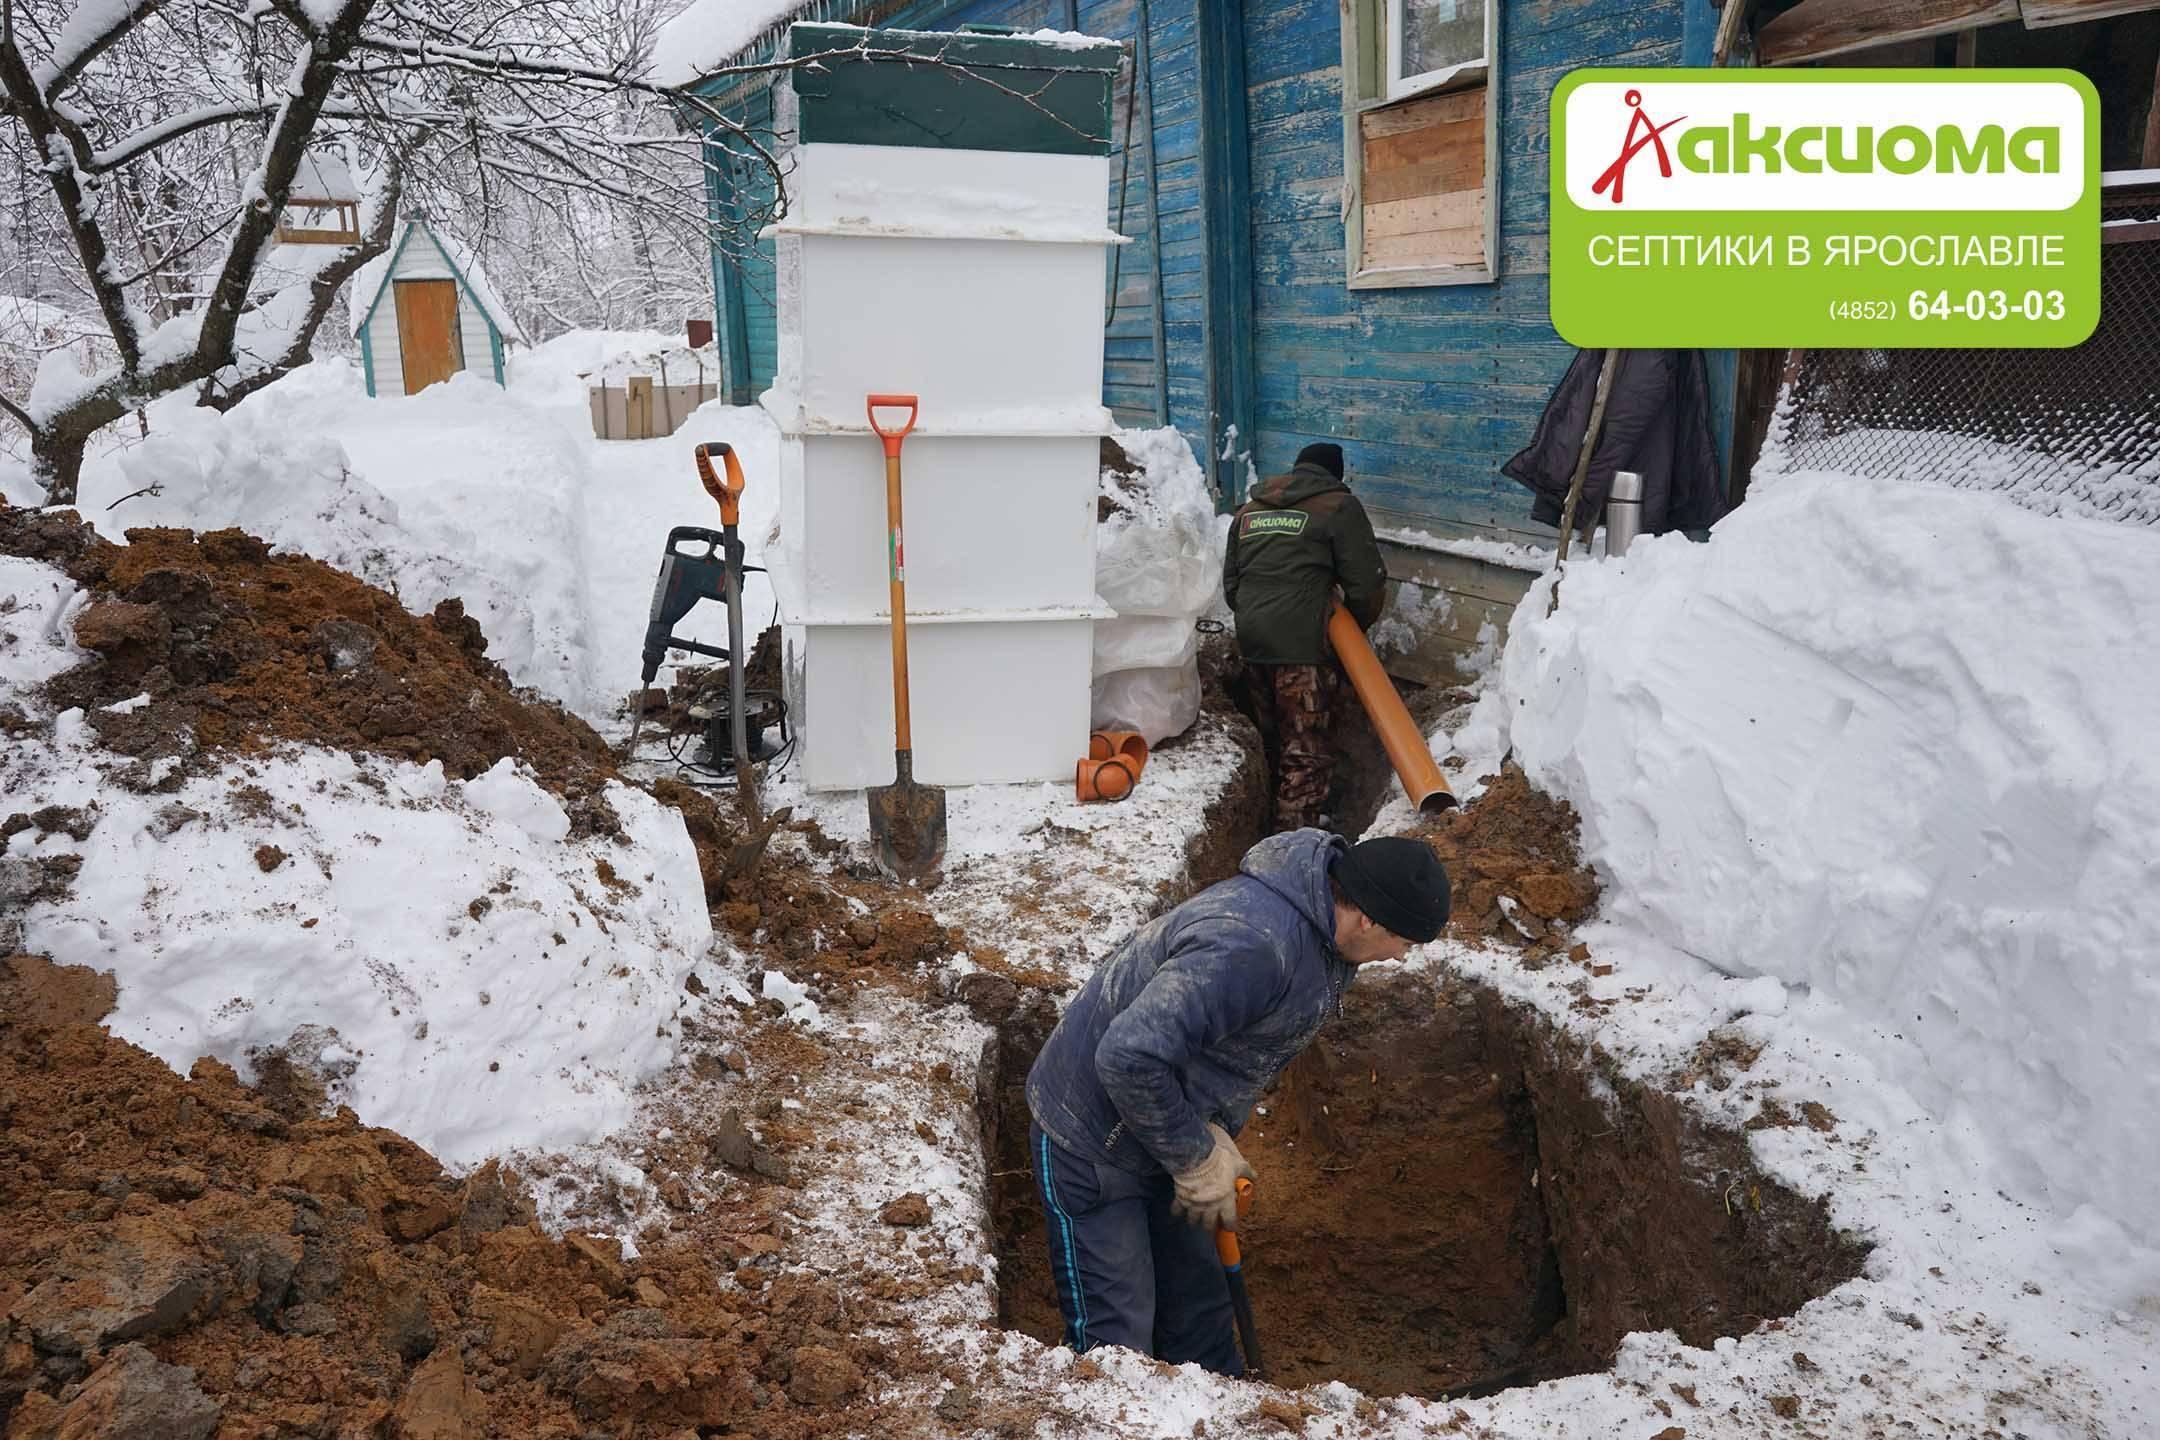 Не замёрзнет ли автономная канализация зимой